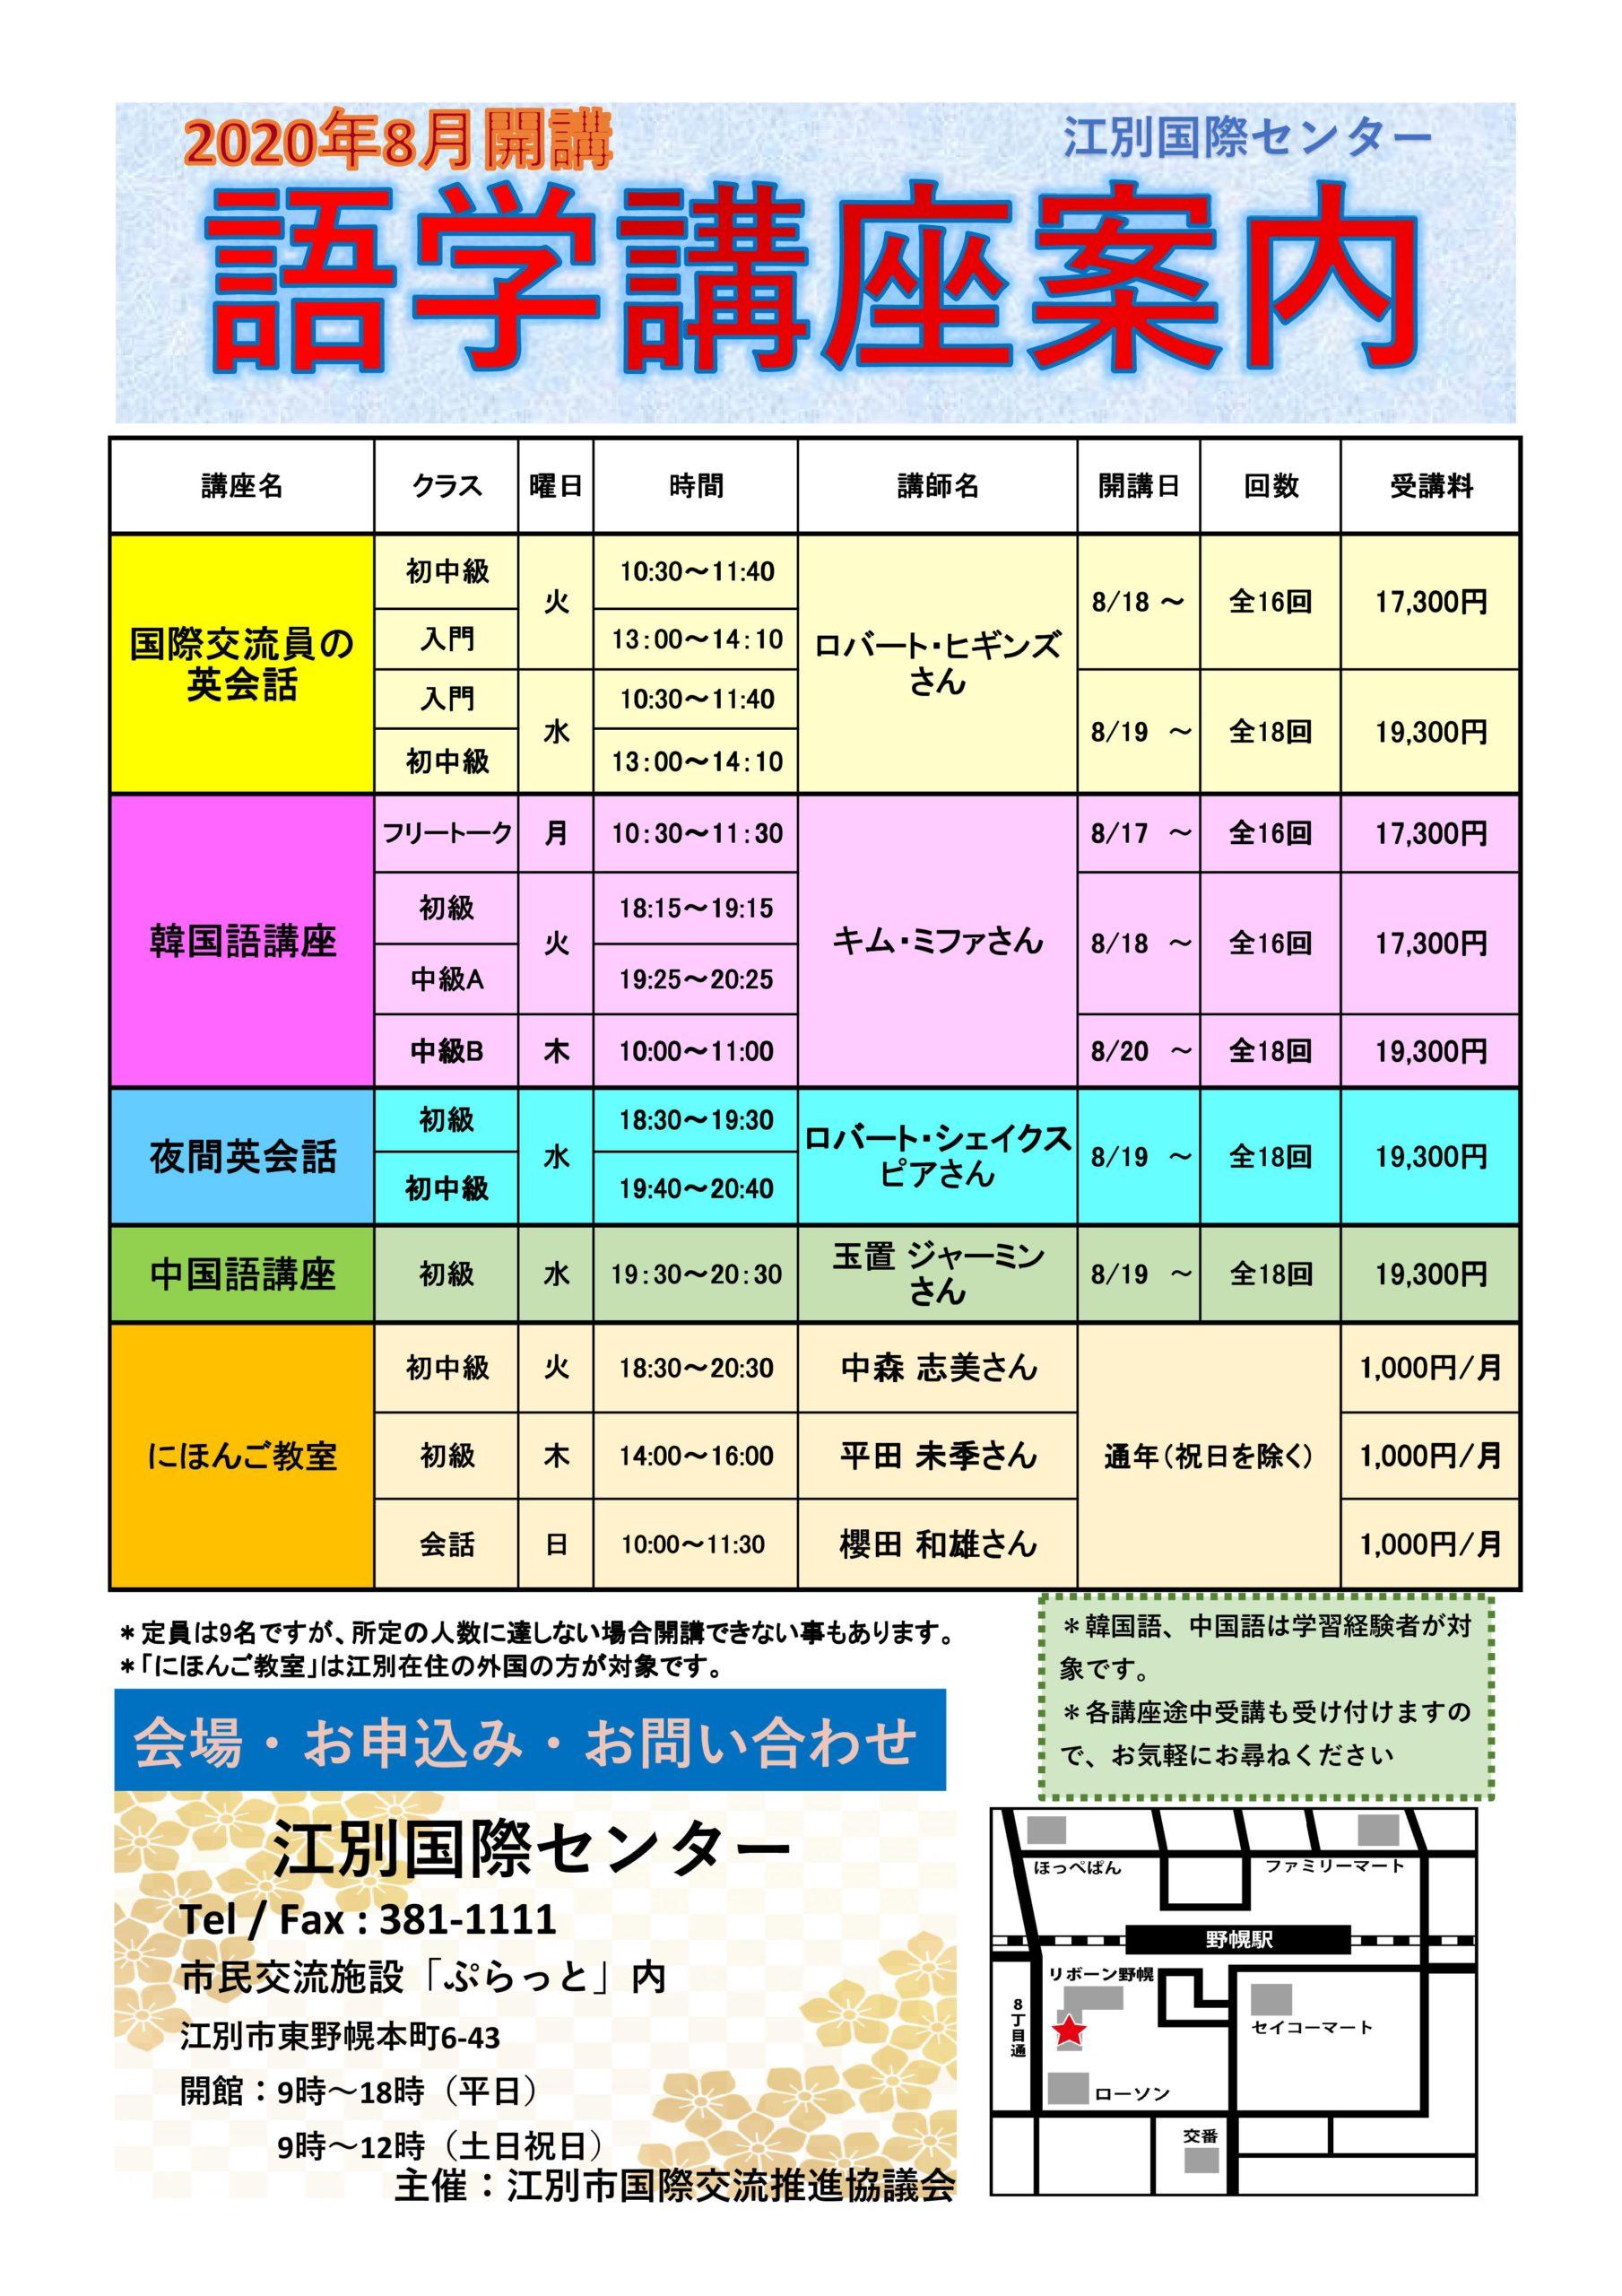 【2期 8月スタート】協議会主催の語学講座のイメージ